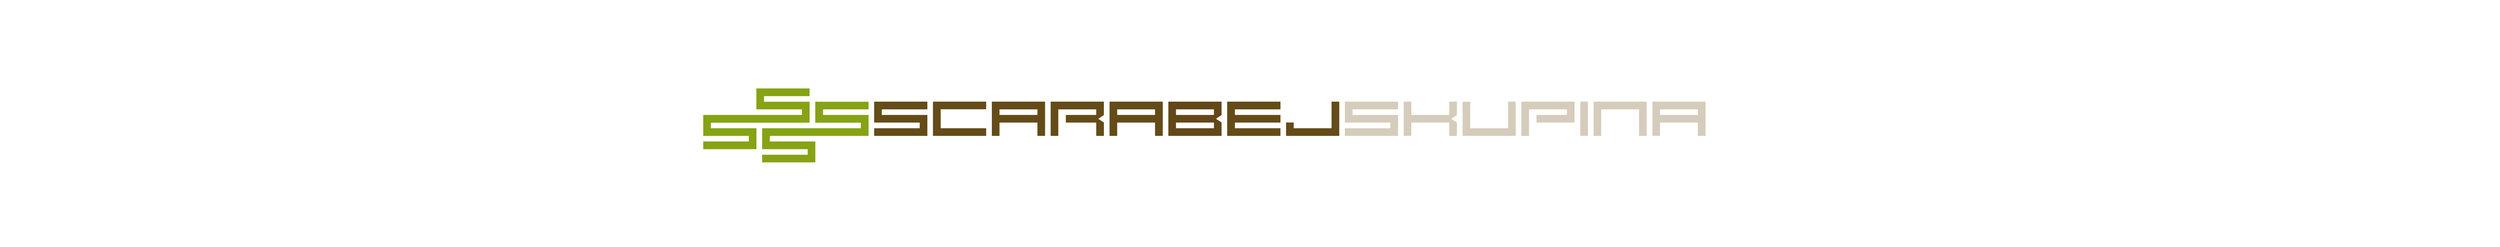 scarabej-logo-barvni.jpg